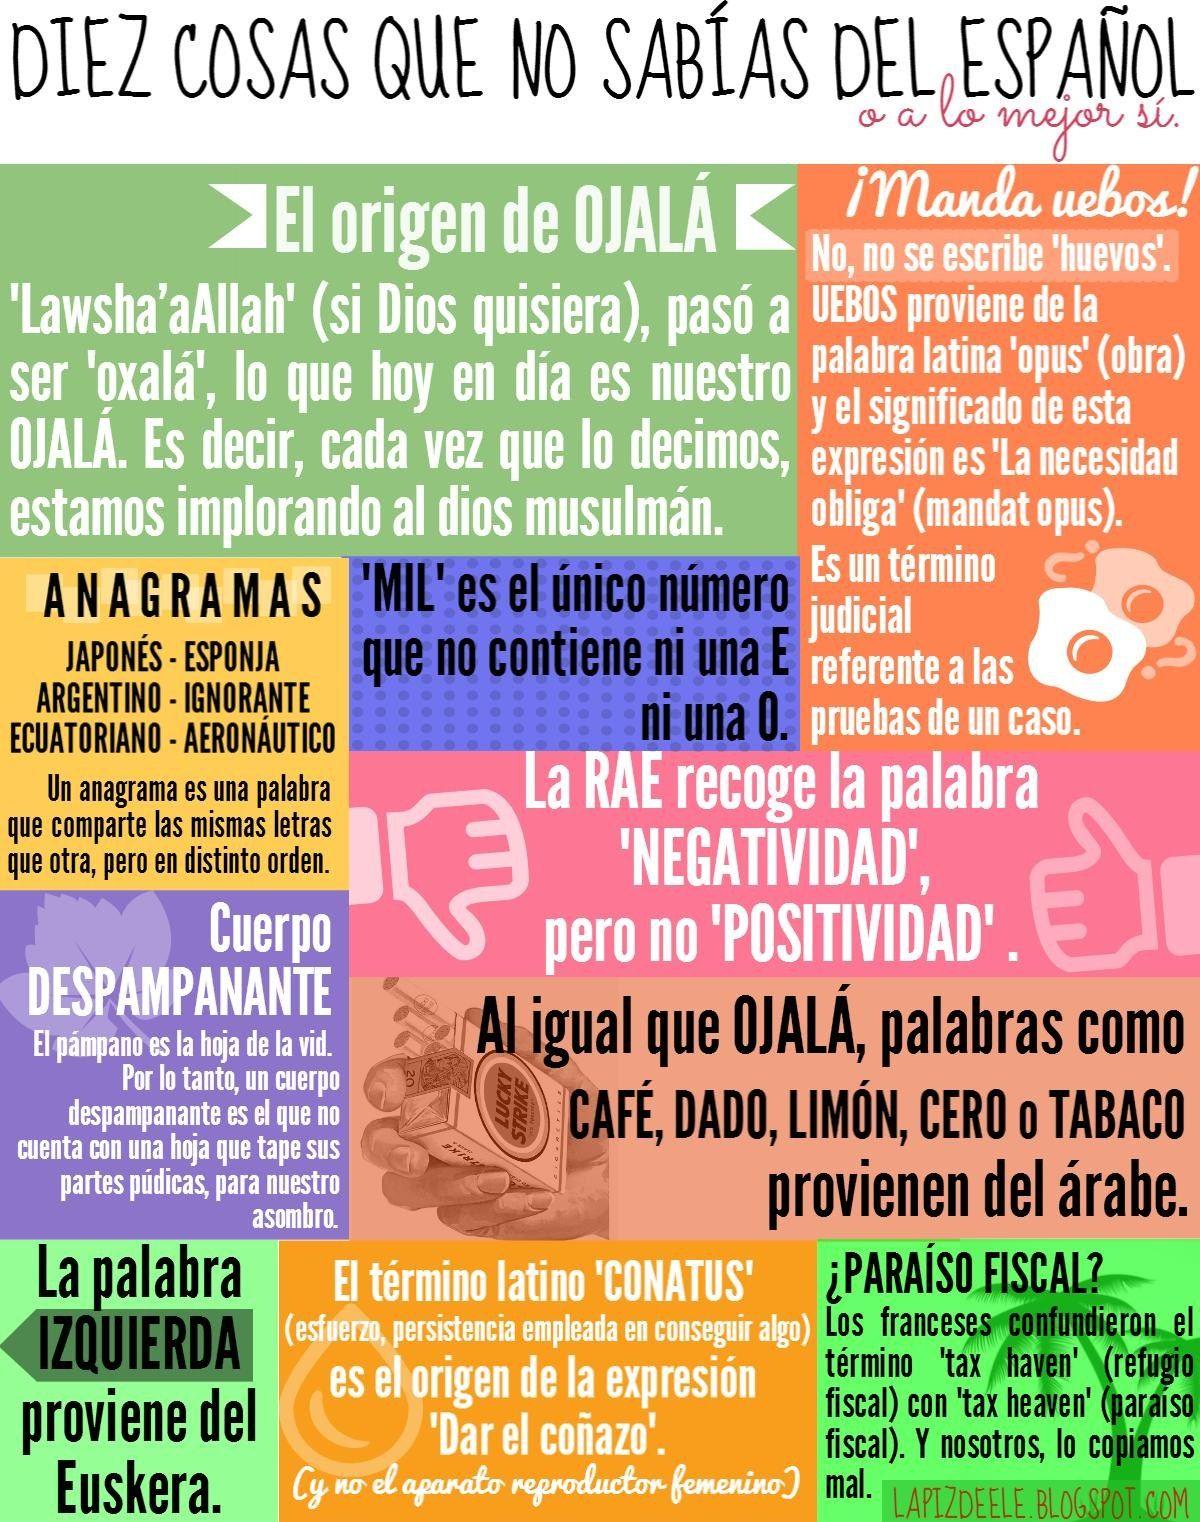 10 Cosas Que No Sabias Del Espanol O A Lo Mejor Si Ele Spanish Inphographics